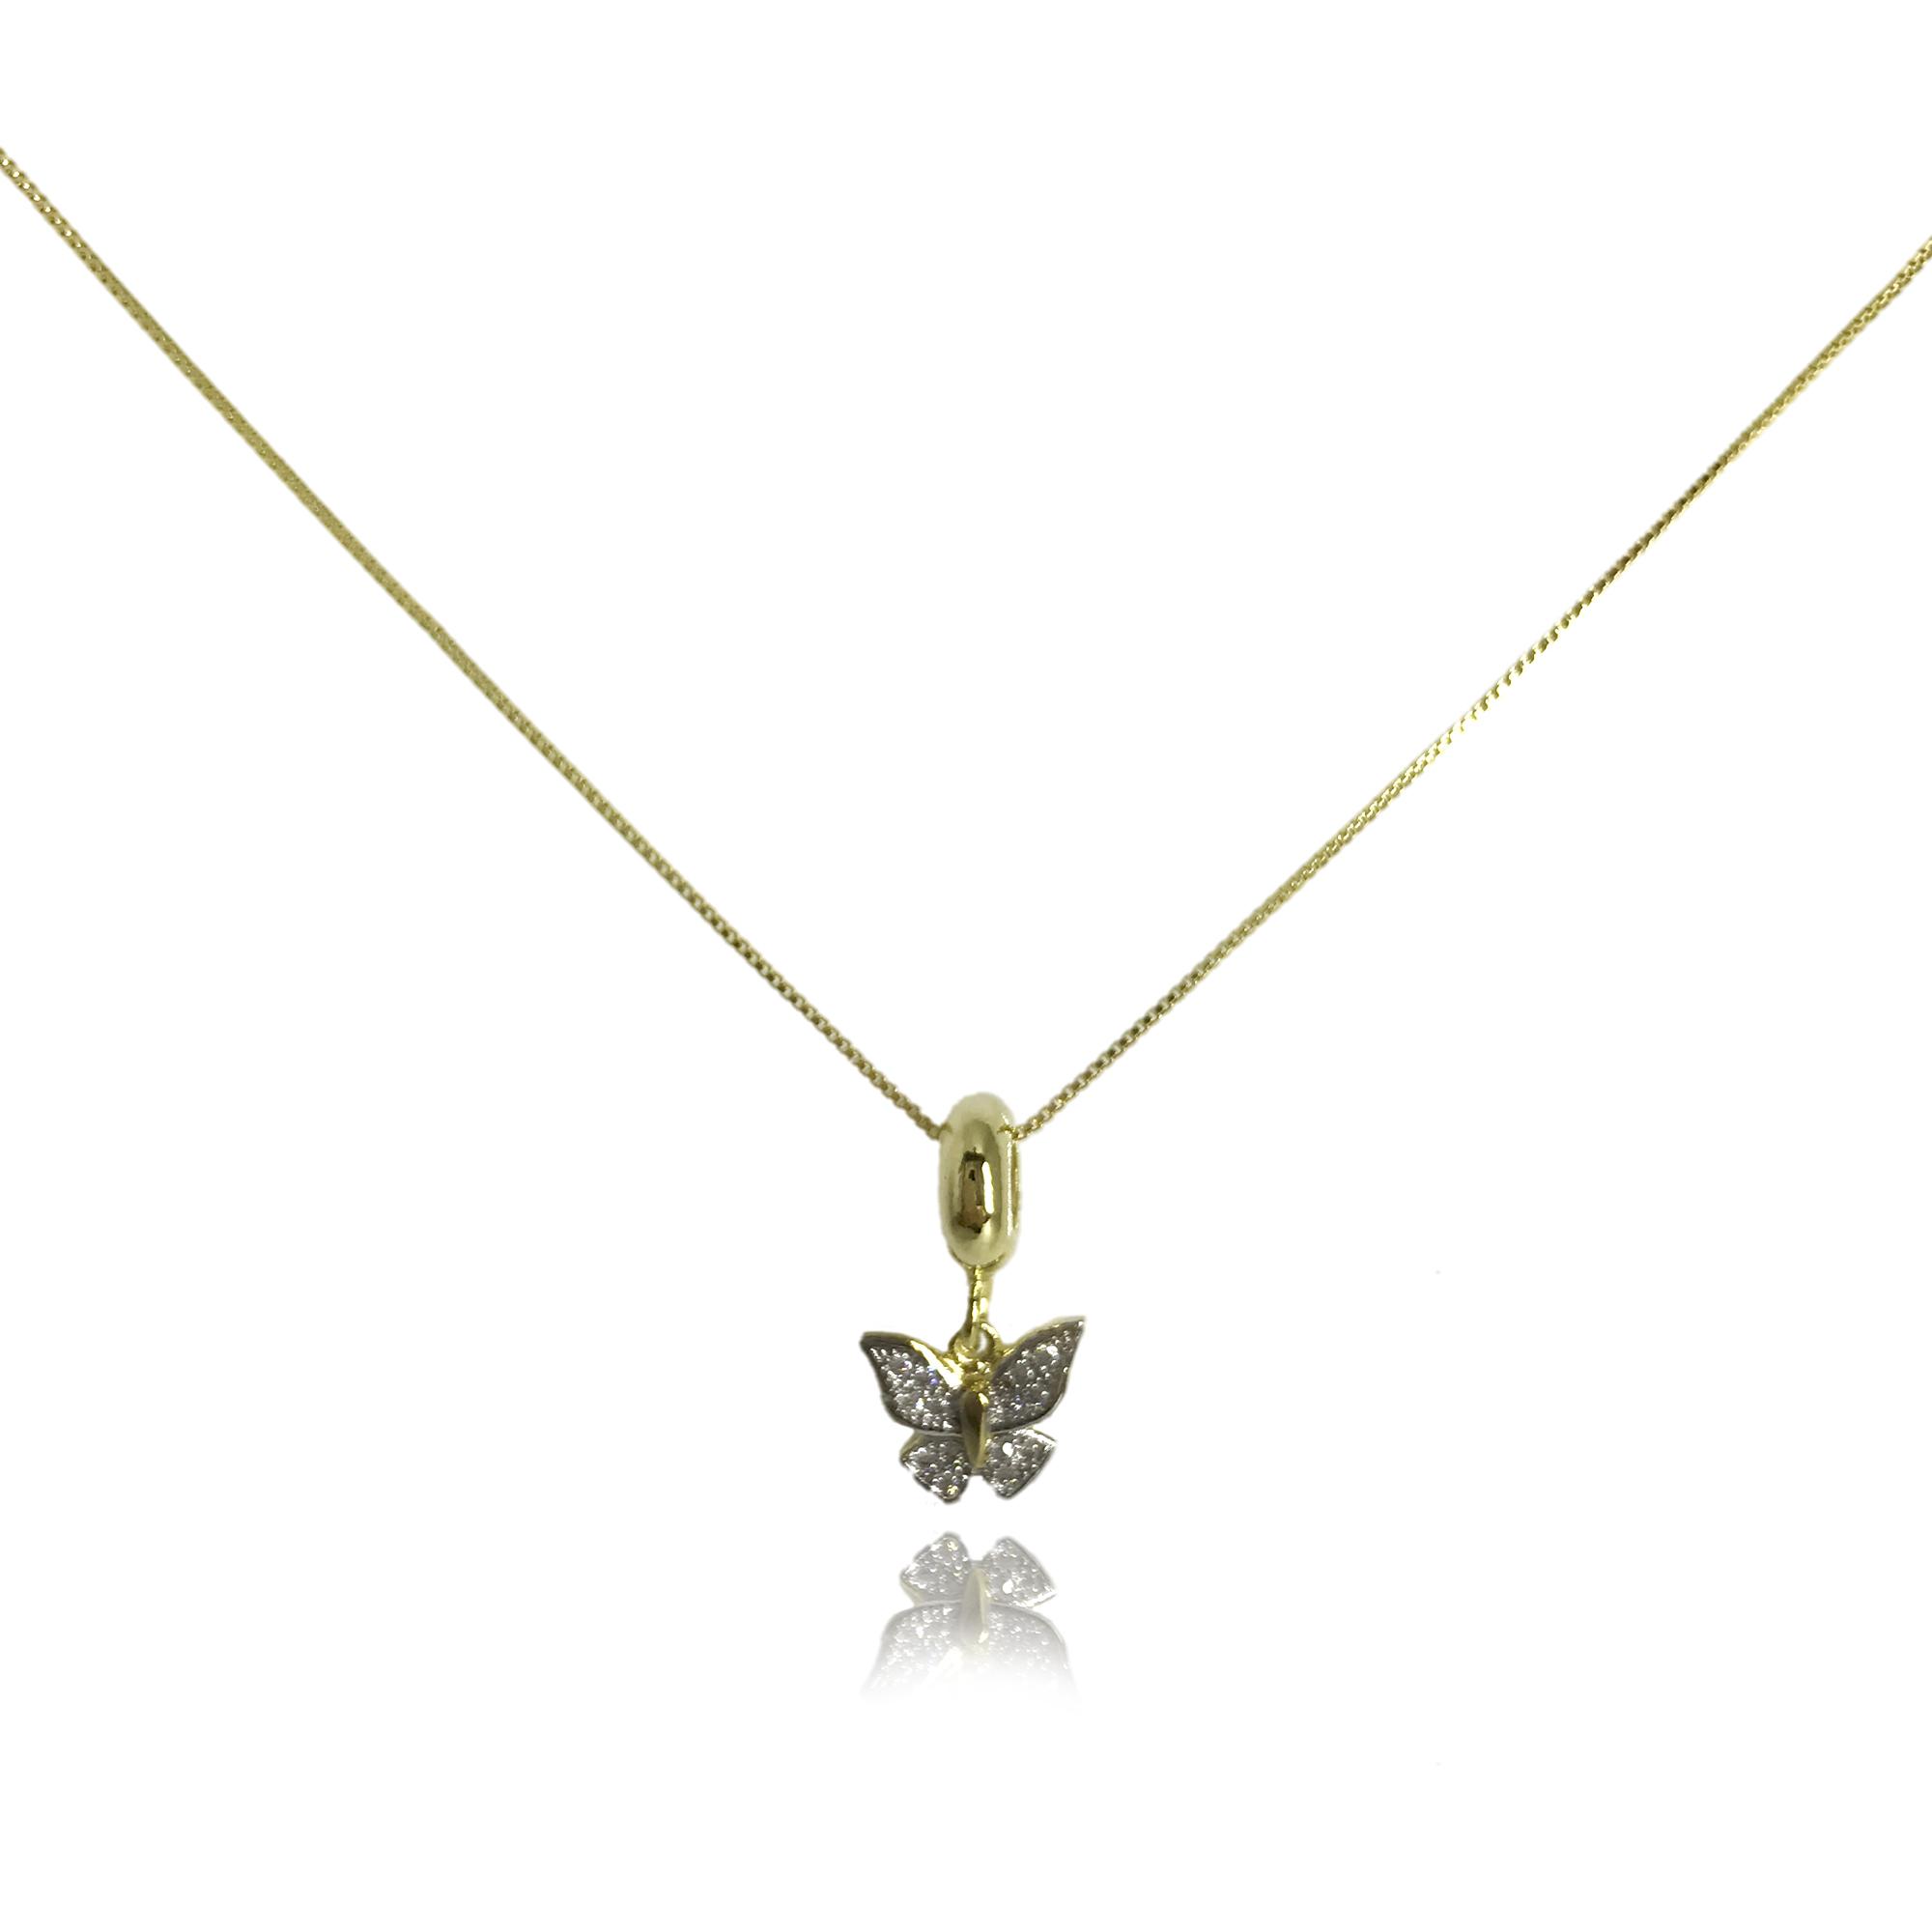 Corrente folheada a ouro com pingente em formato de borboleta folheado a ouro 18K